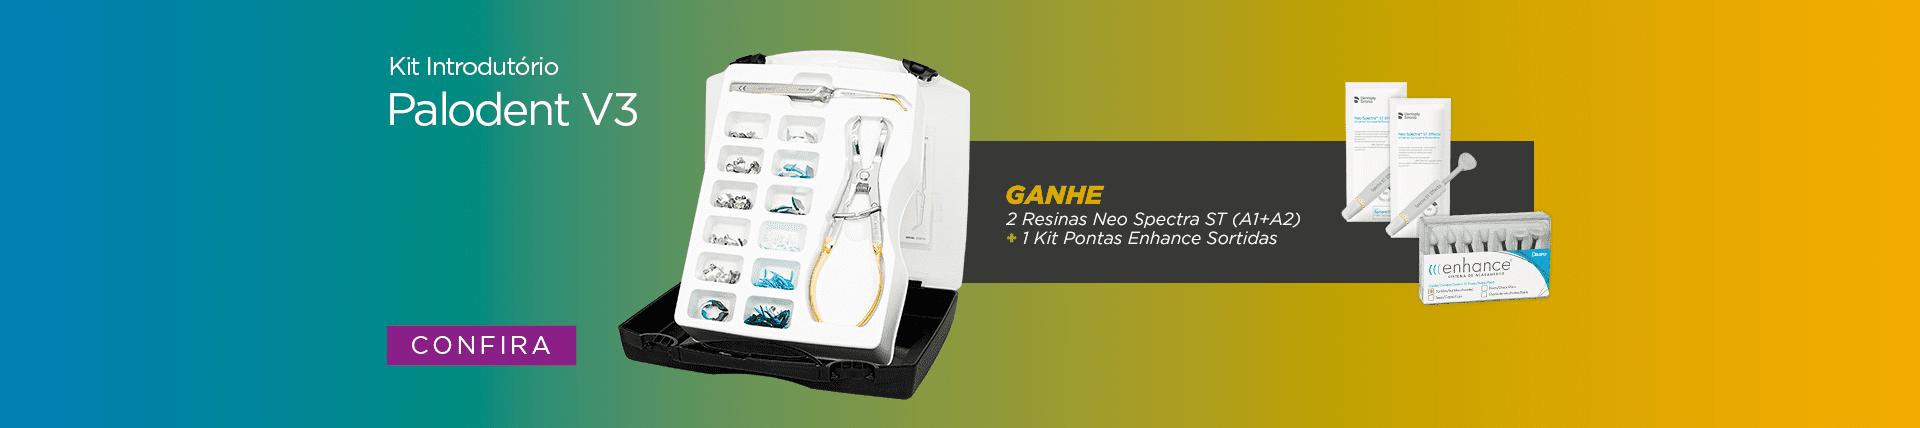 Confira Kit Introdutório Palodent V3 da Dentsply Sirona e Ganhe Brinde | Dental Cremer